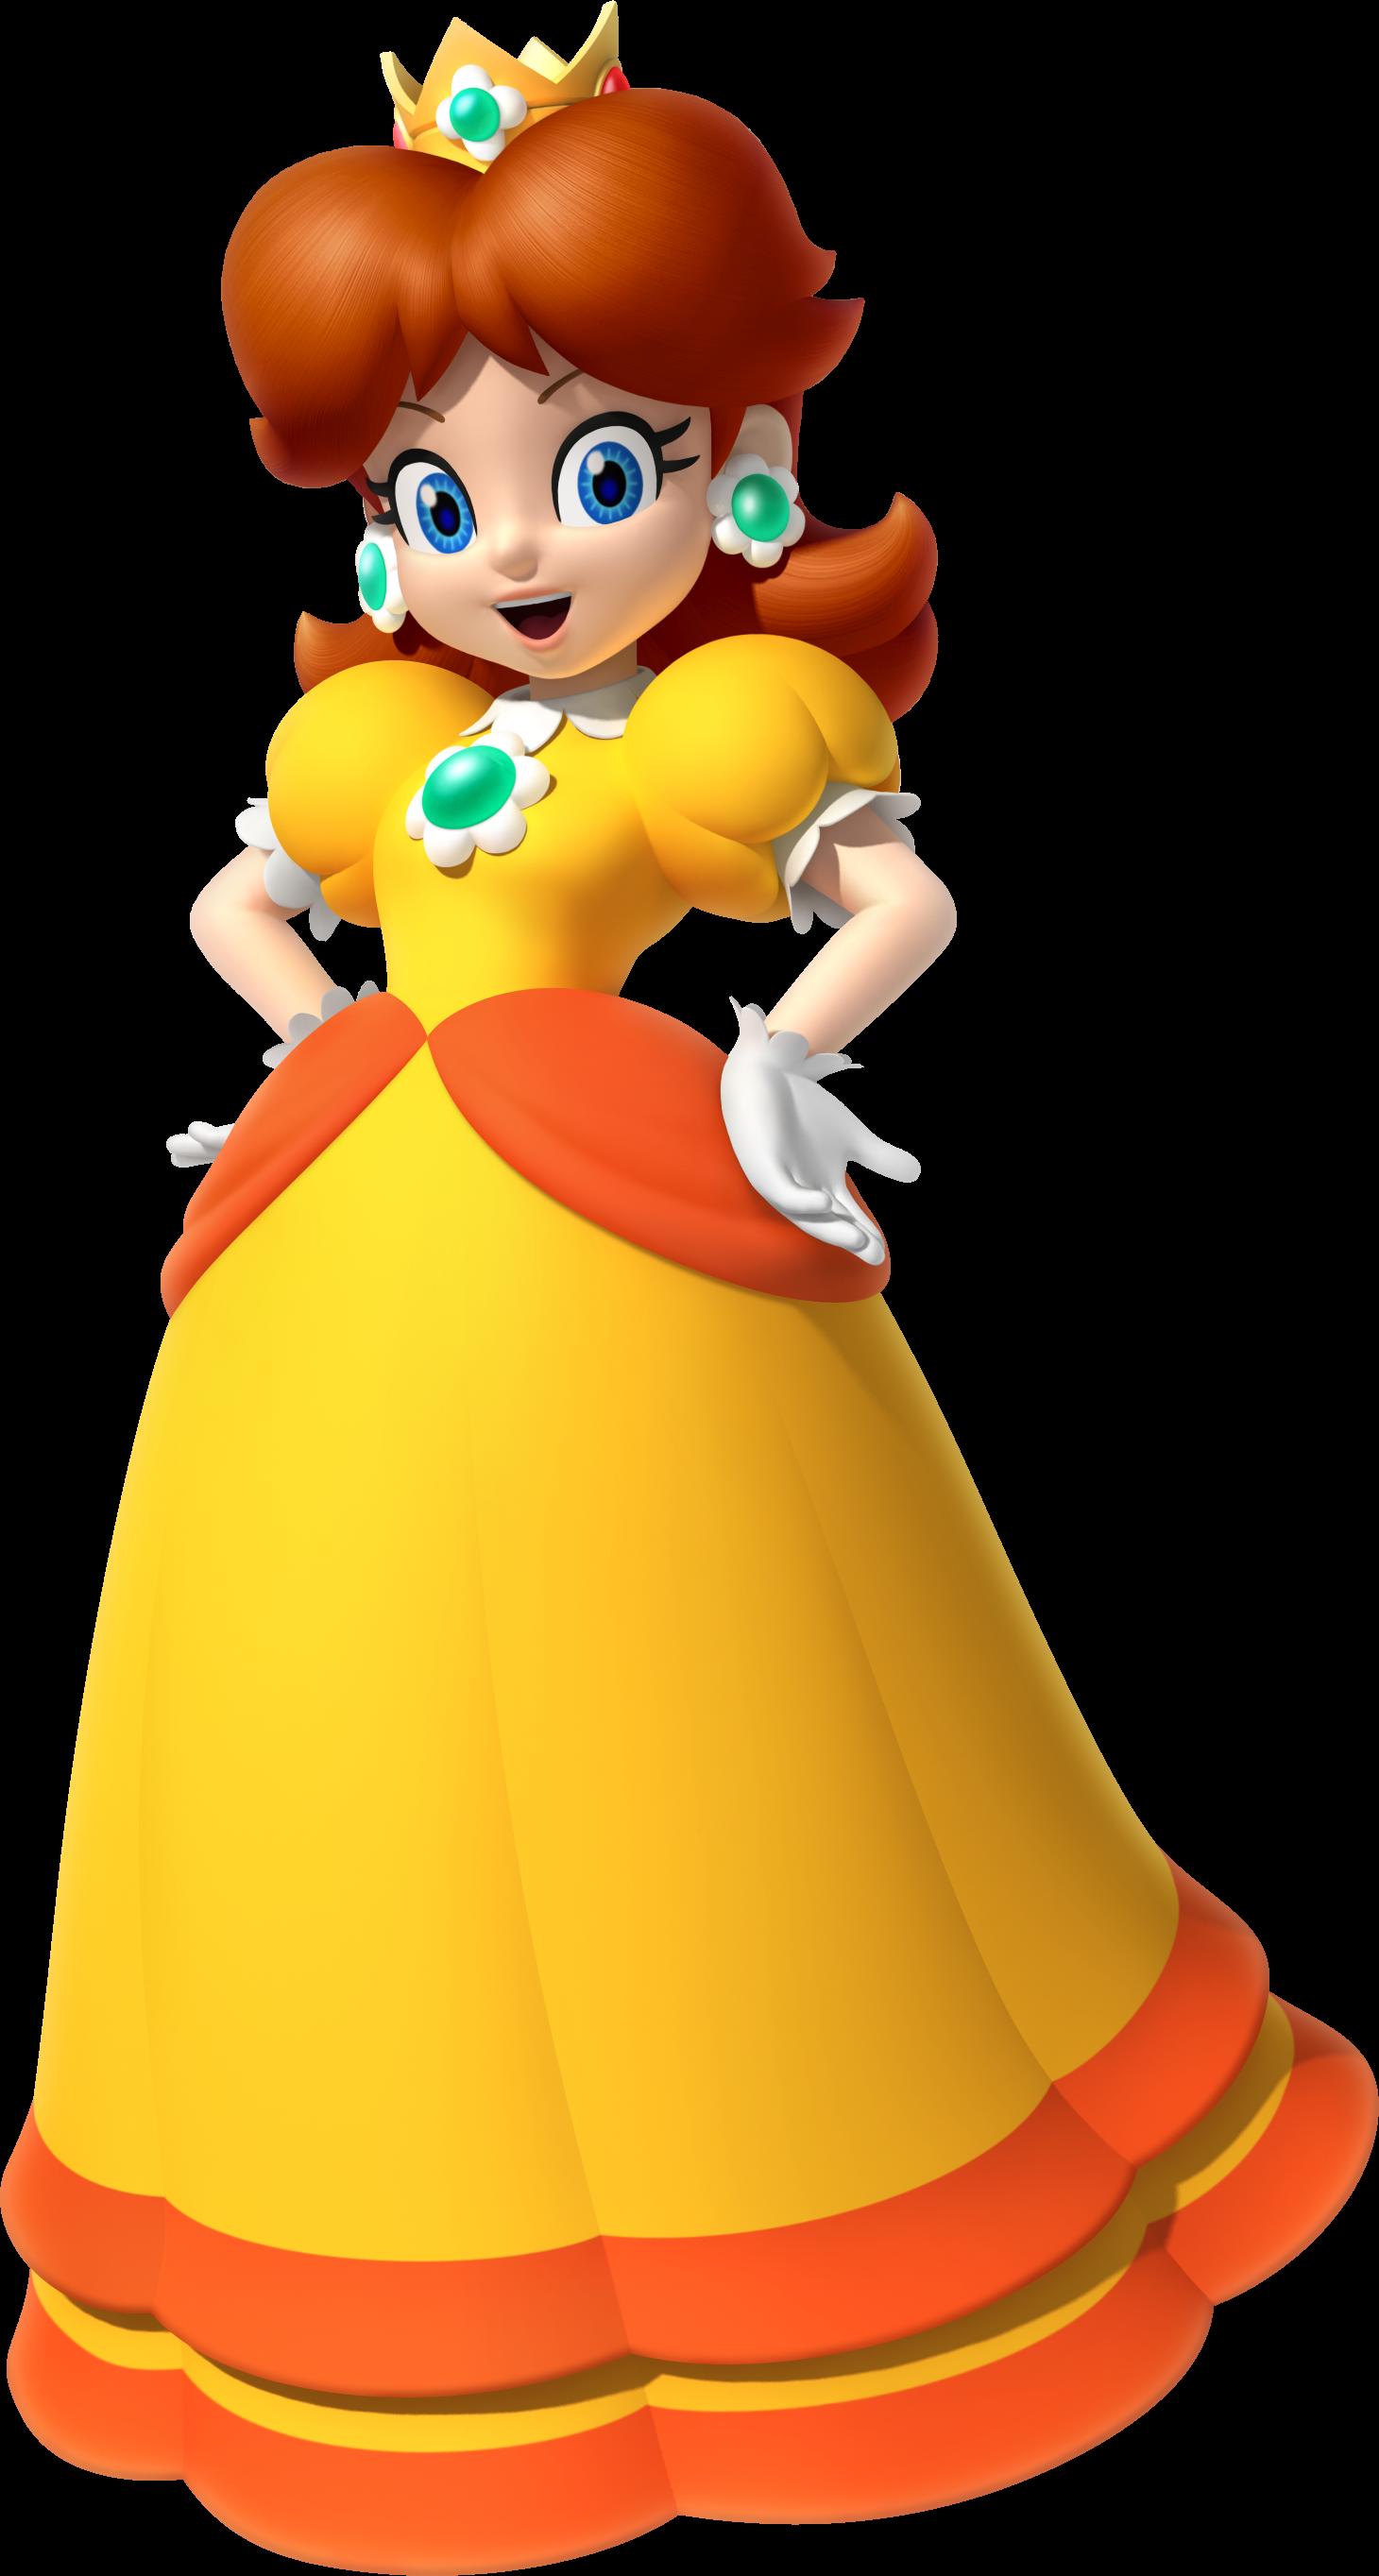 """Résultat de recherche d'images pour """"Daisy mario"""""""